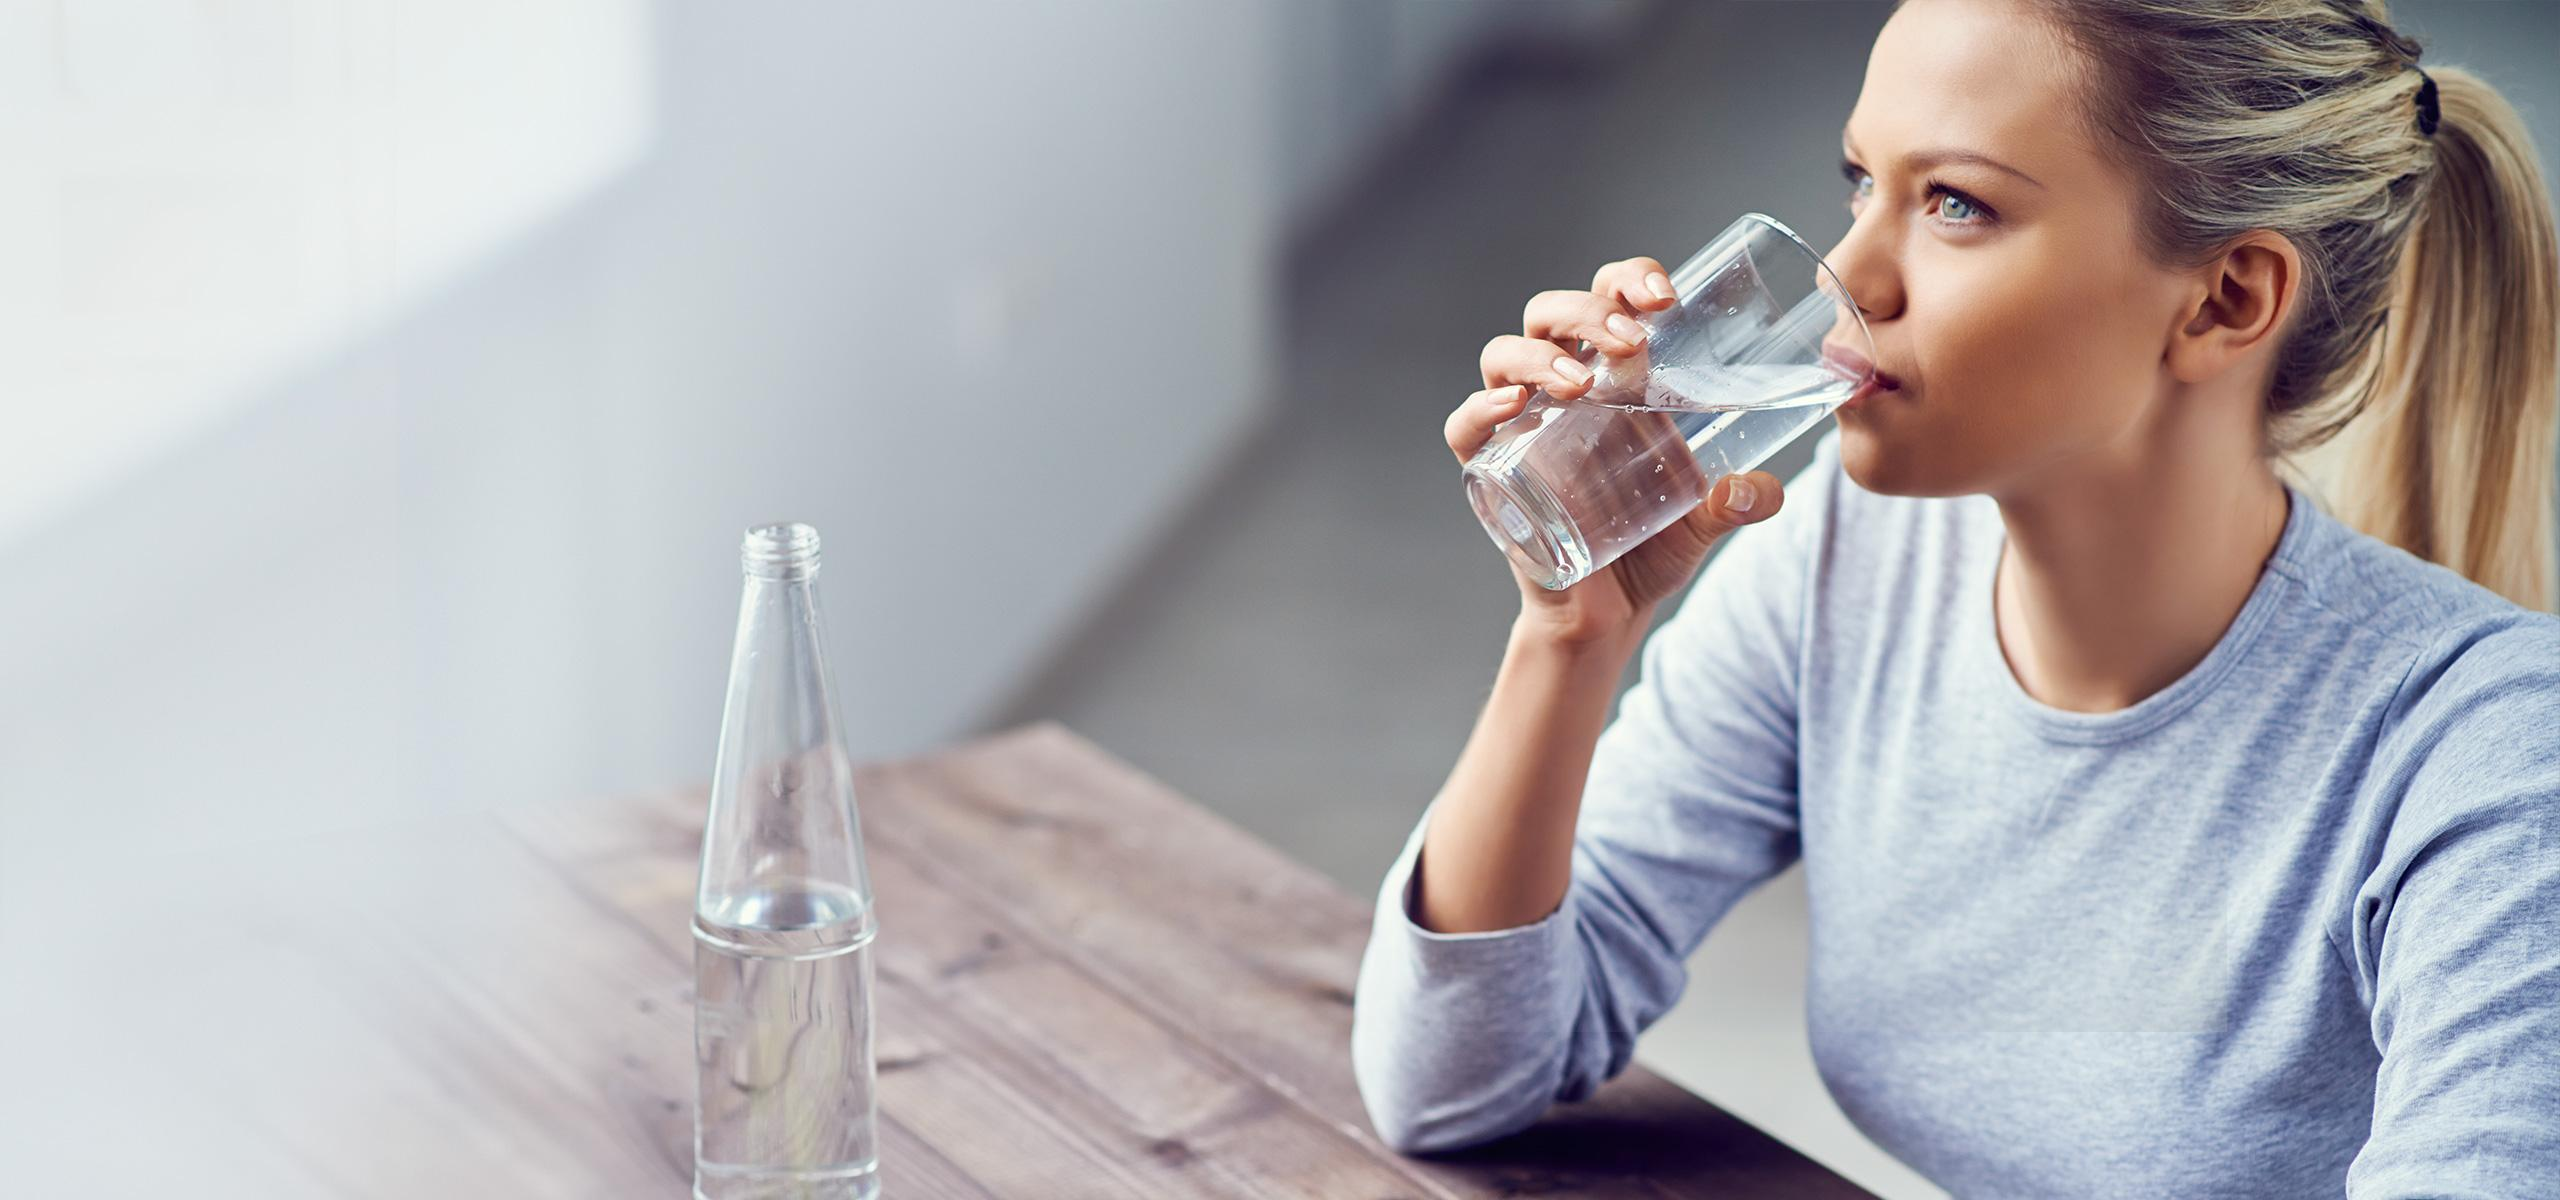 Abnehmen am Bauch viel Wasser trinken